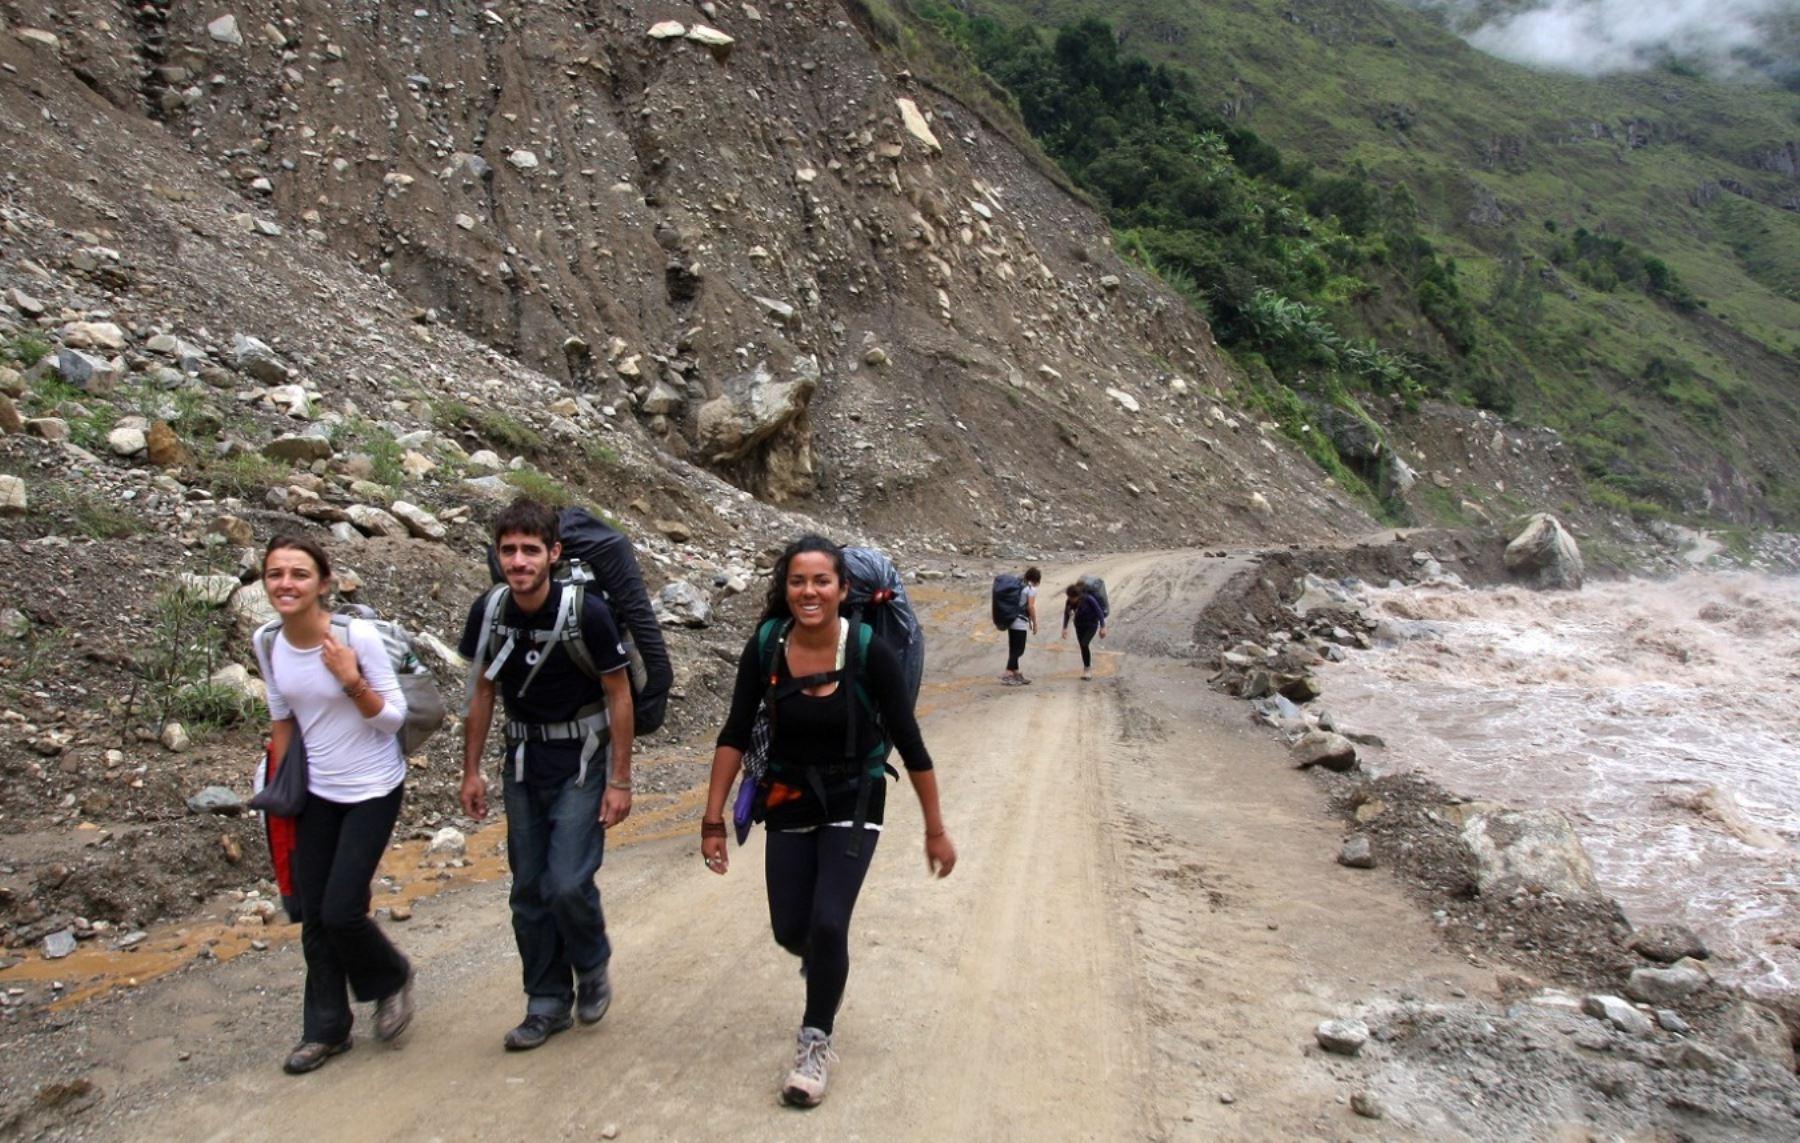 Los turistas que visitan Machu Picchu utilizando la vía alterna de Santa Teresa accederán a información turística.